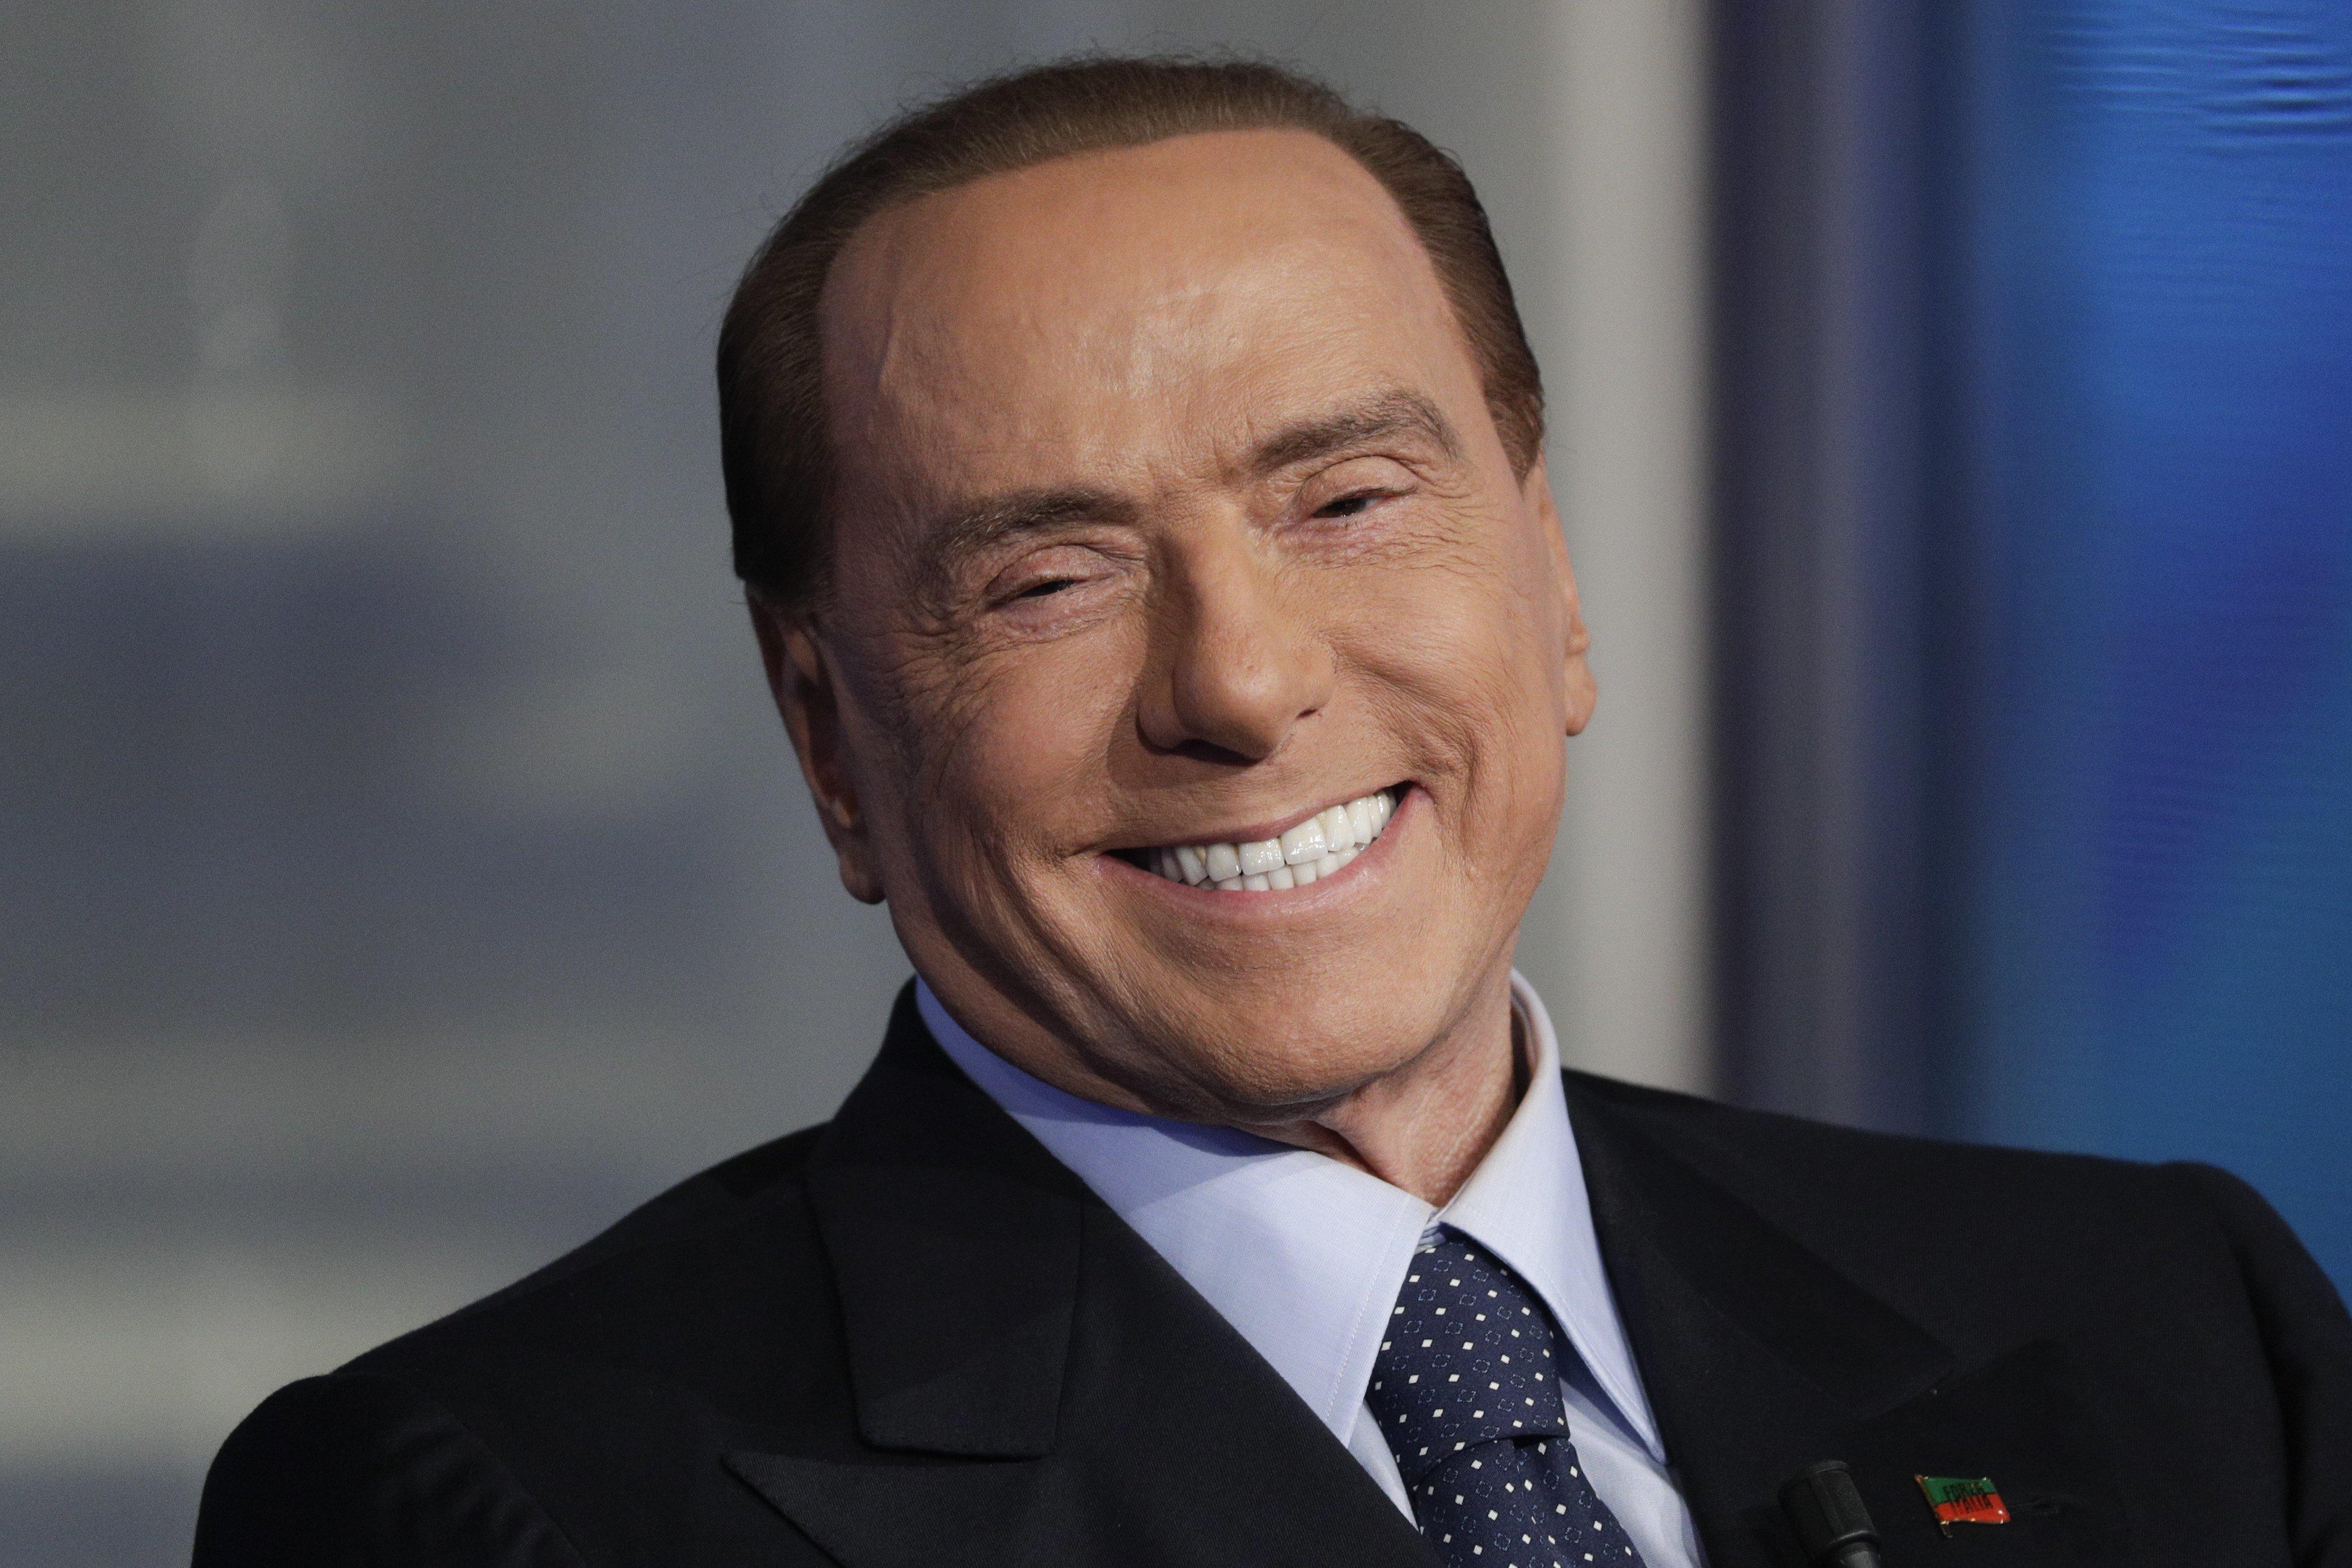 Silvio Berlusconi, l'homme qui ne vieillit jamais grâce à la blépharoplastie !